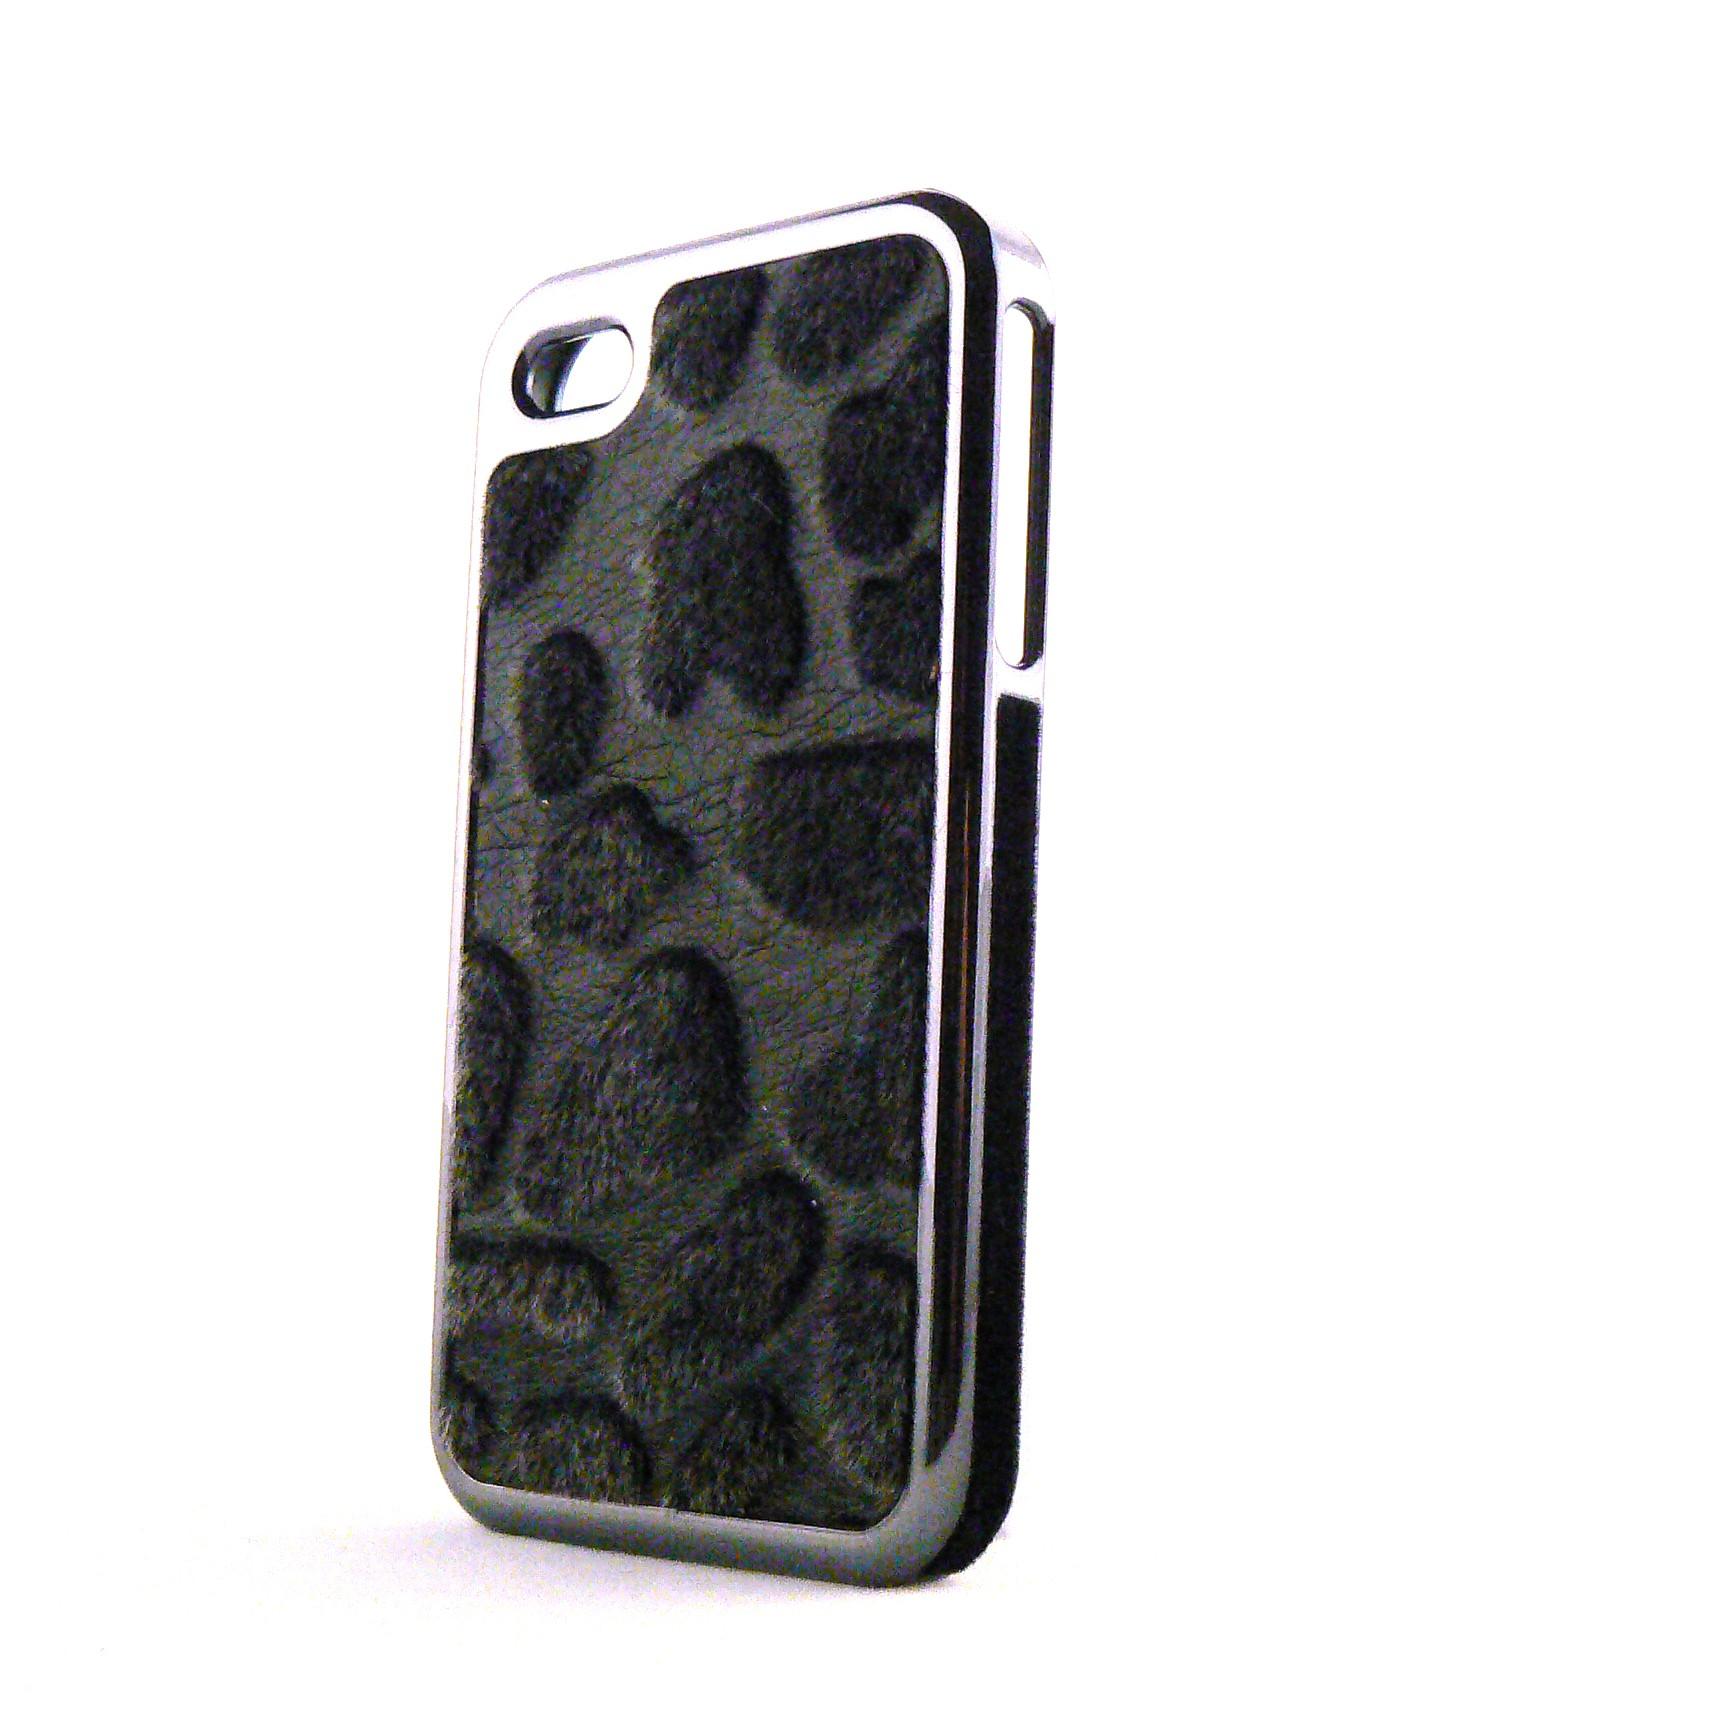 Coque simili cuir noir et poils noirs effet peau de vache pour Iphone 4 film protection ecran